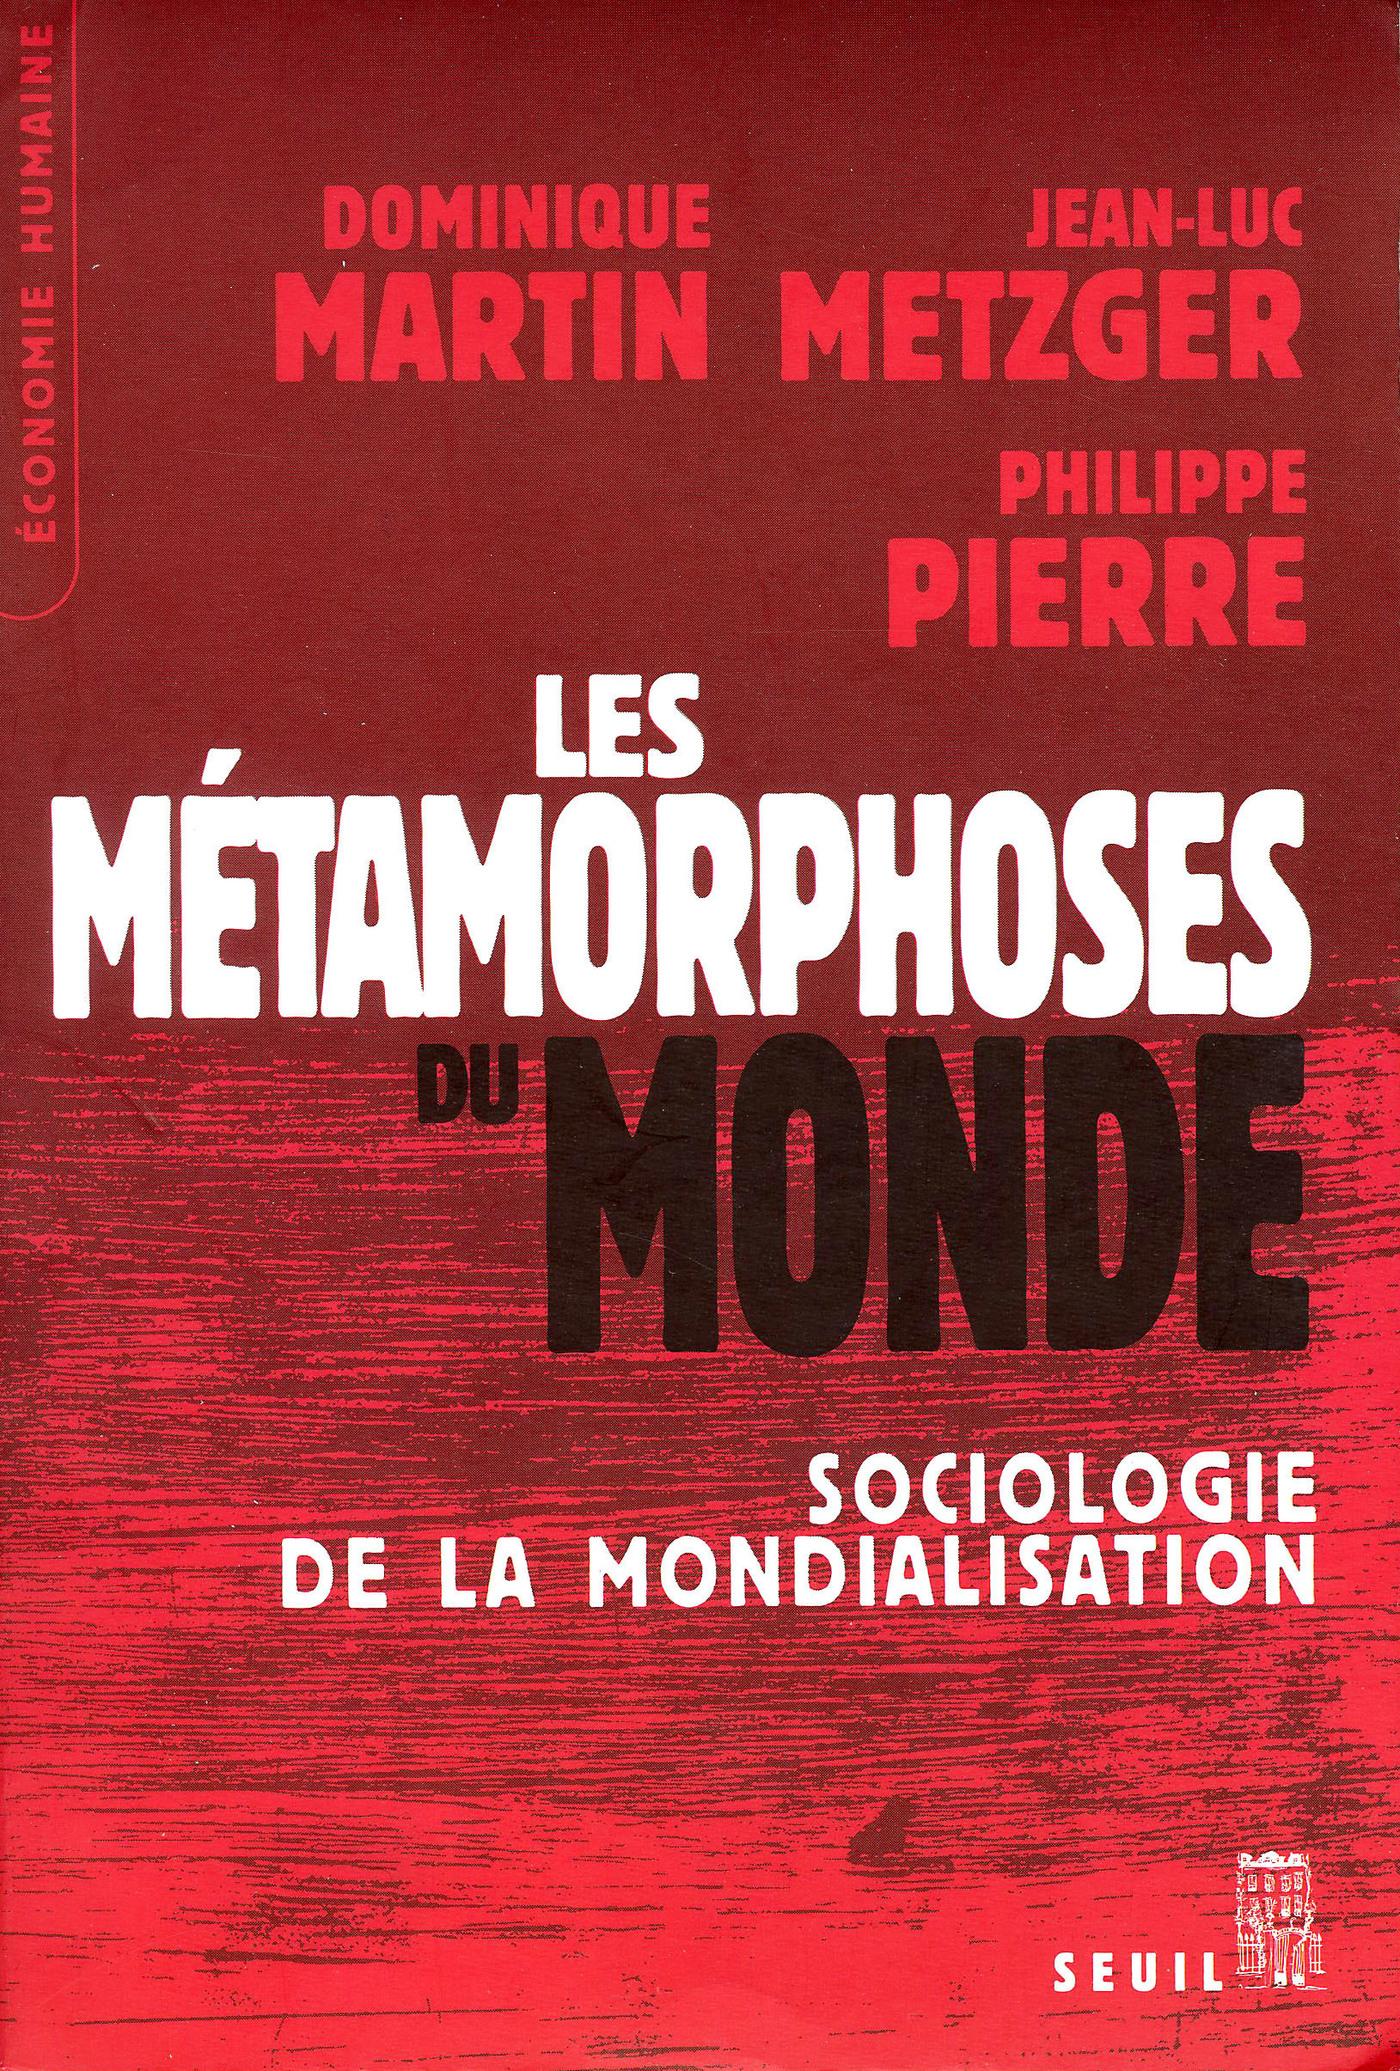 Les Métamorphoses du monde. Sociologie de la mondialisation